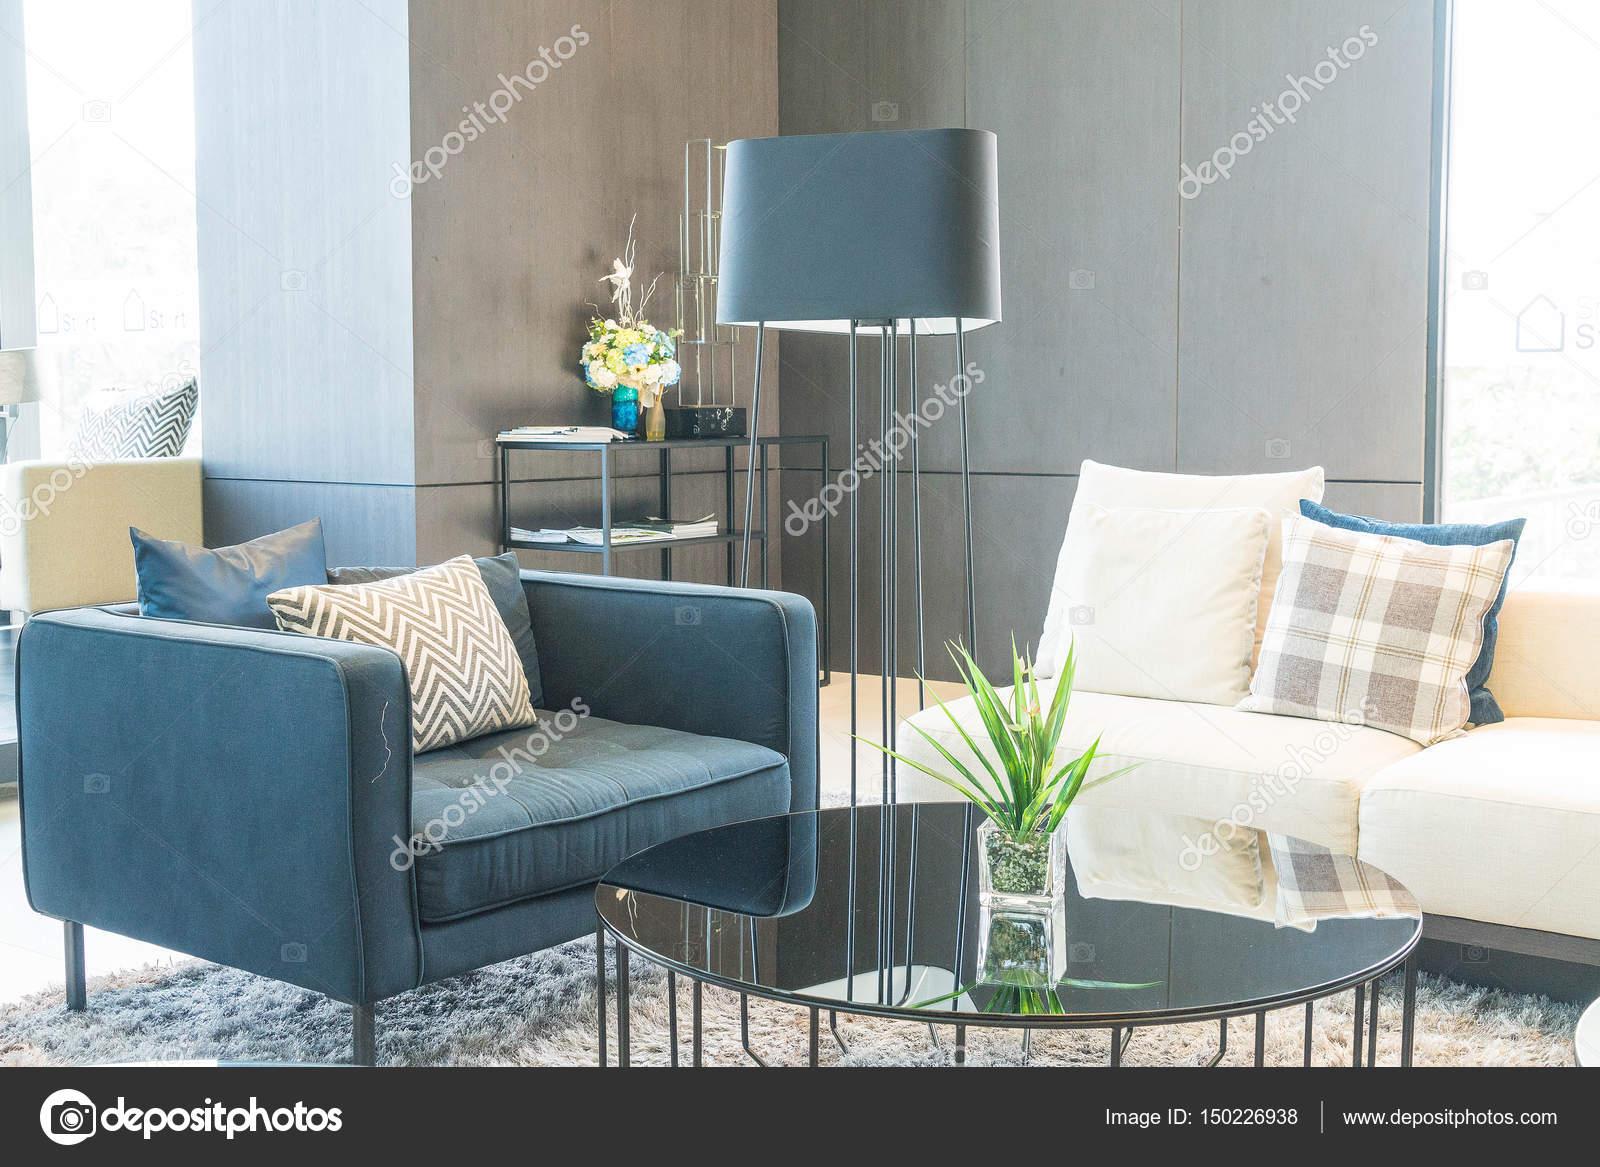 Kissen Und Sofa Dekoration In Luxus Wohnzimmer Interieur U2014 Stockfoto